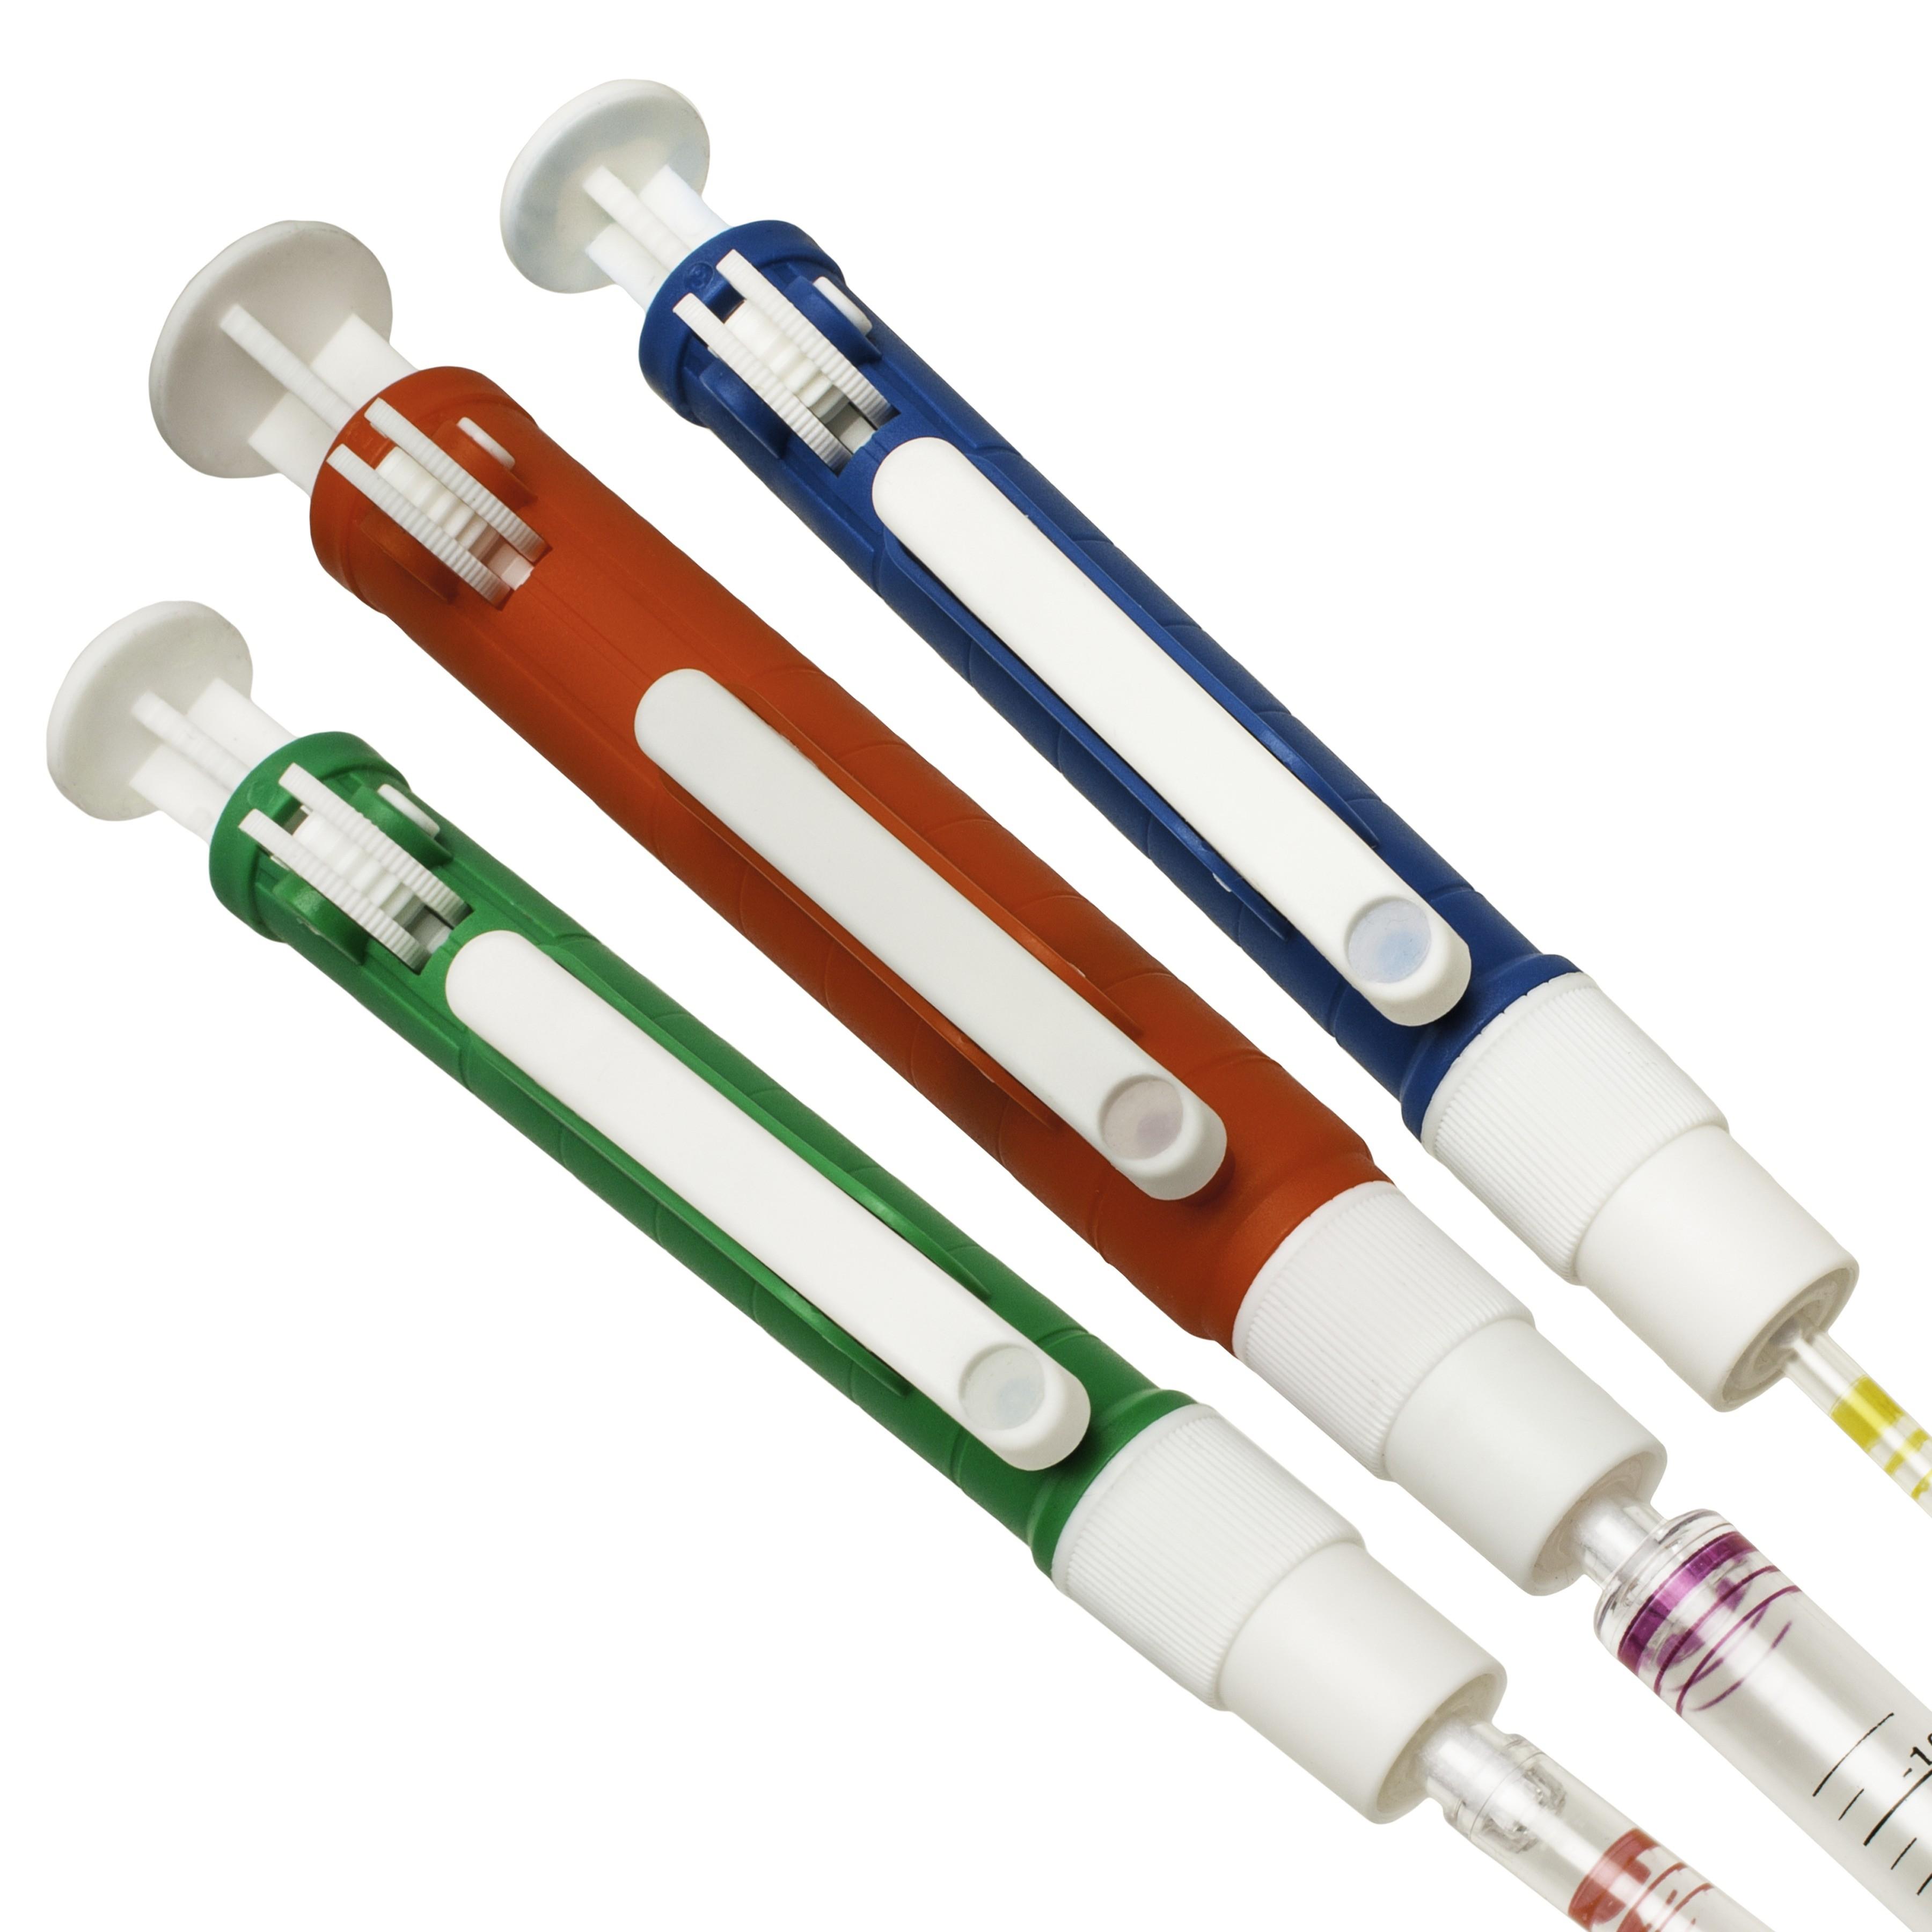 Fast Release Pipette Pump II Pipettors